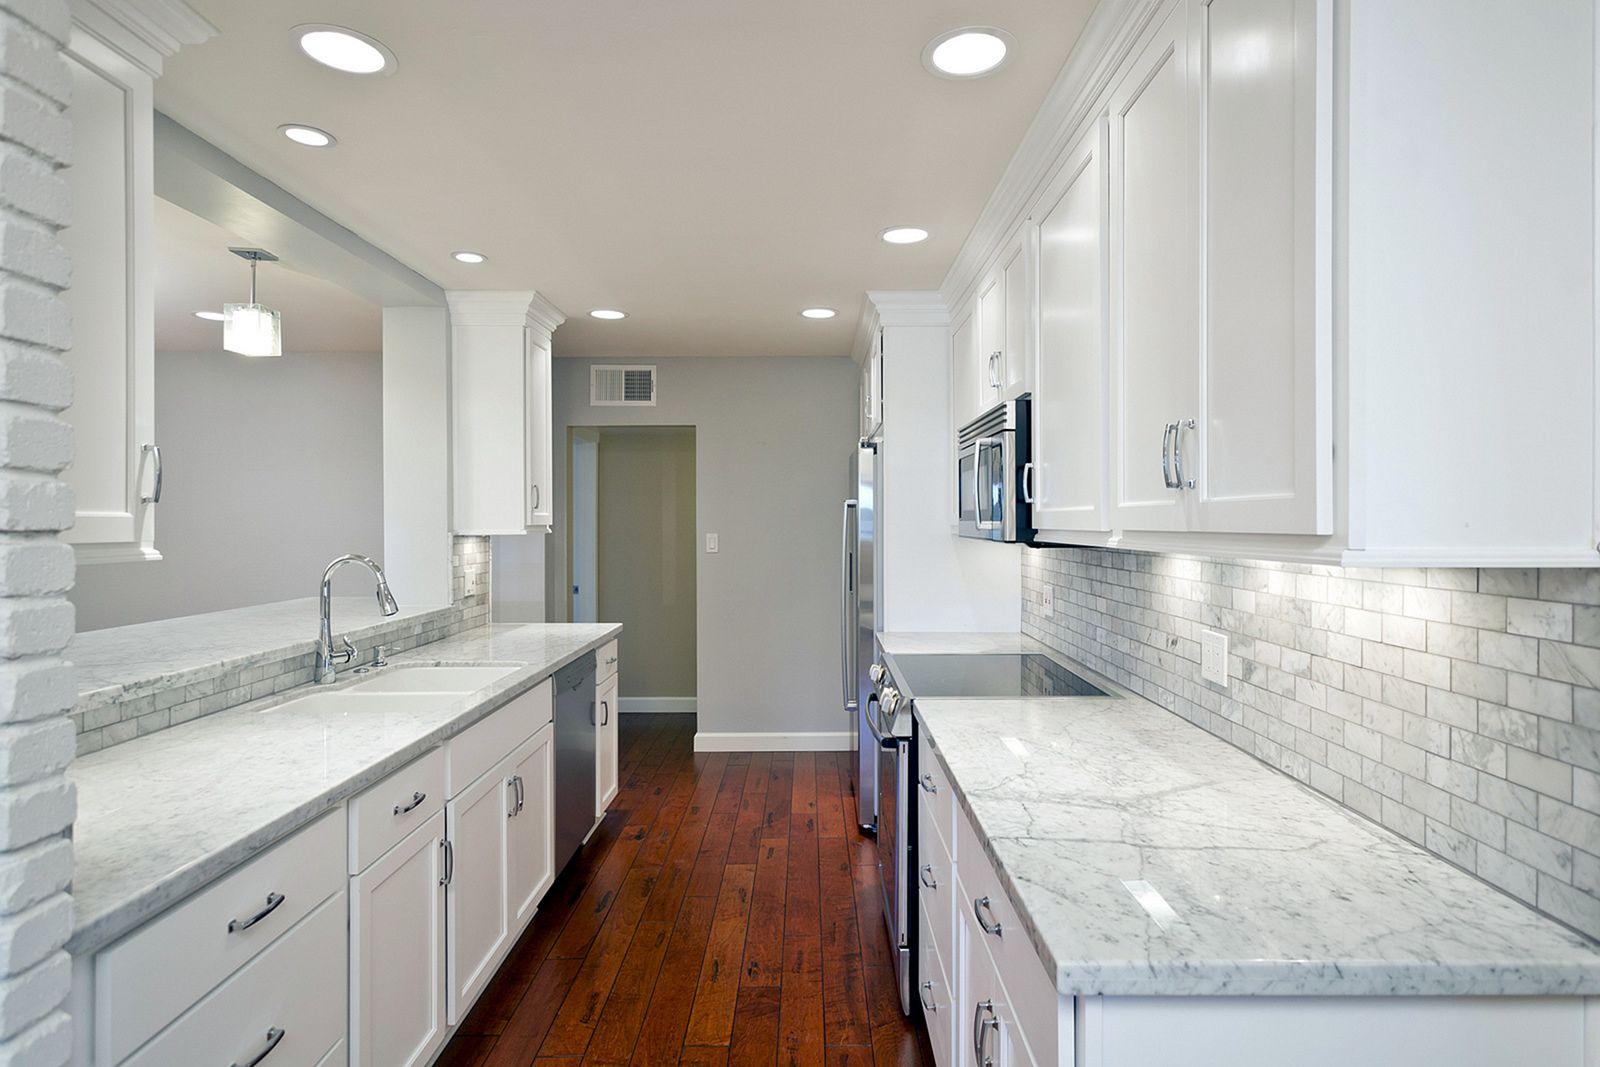 Small Kitchen Granite Countertop 21 Decoredo